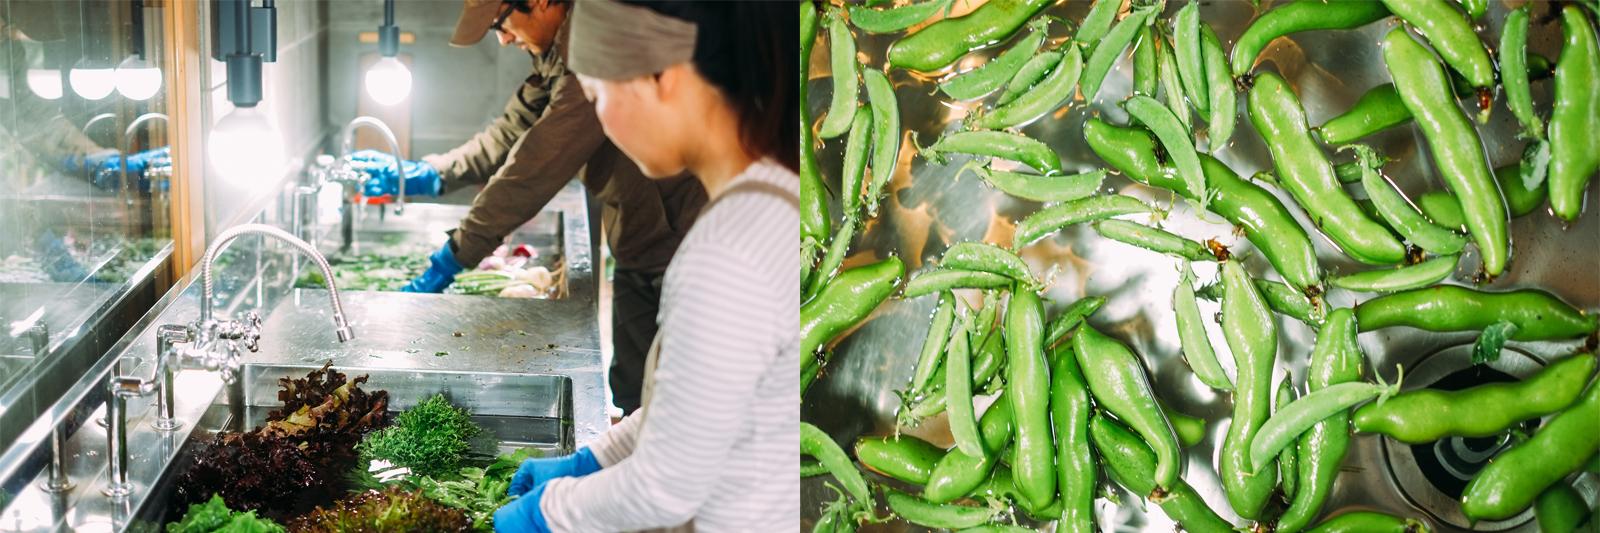 採れた野菜はていねいに水に浸し、洗う